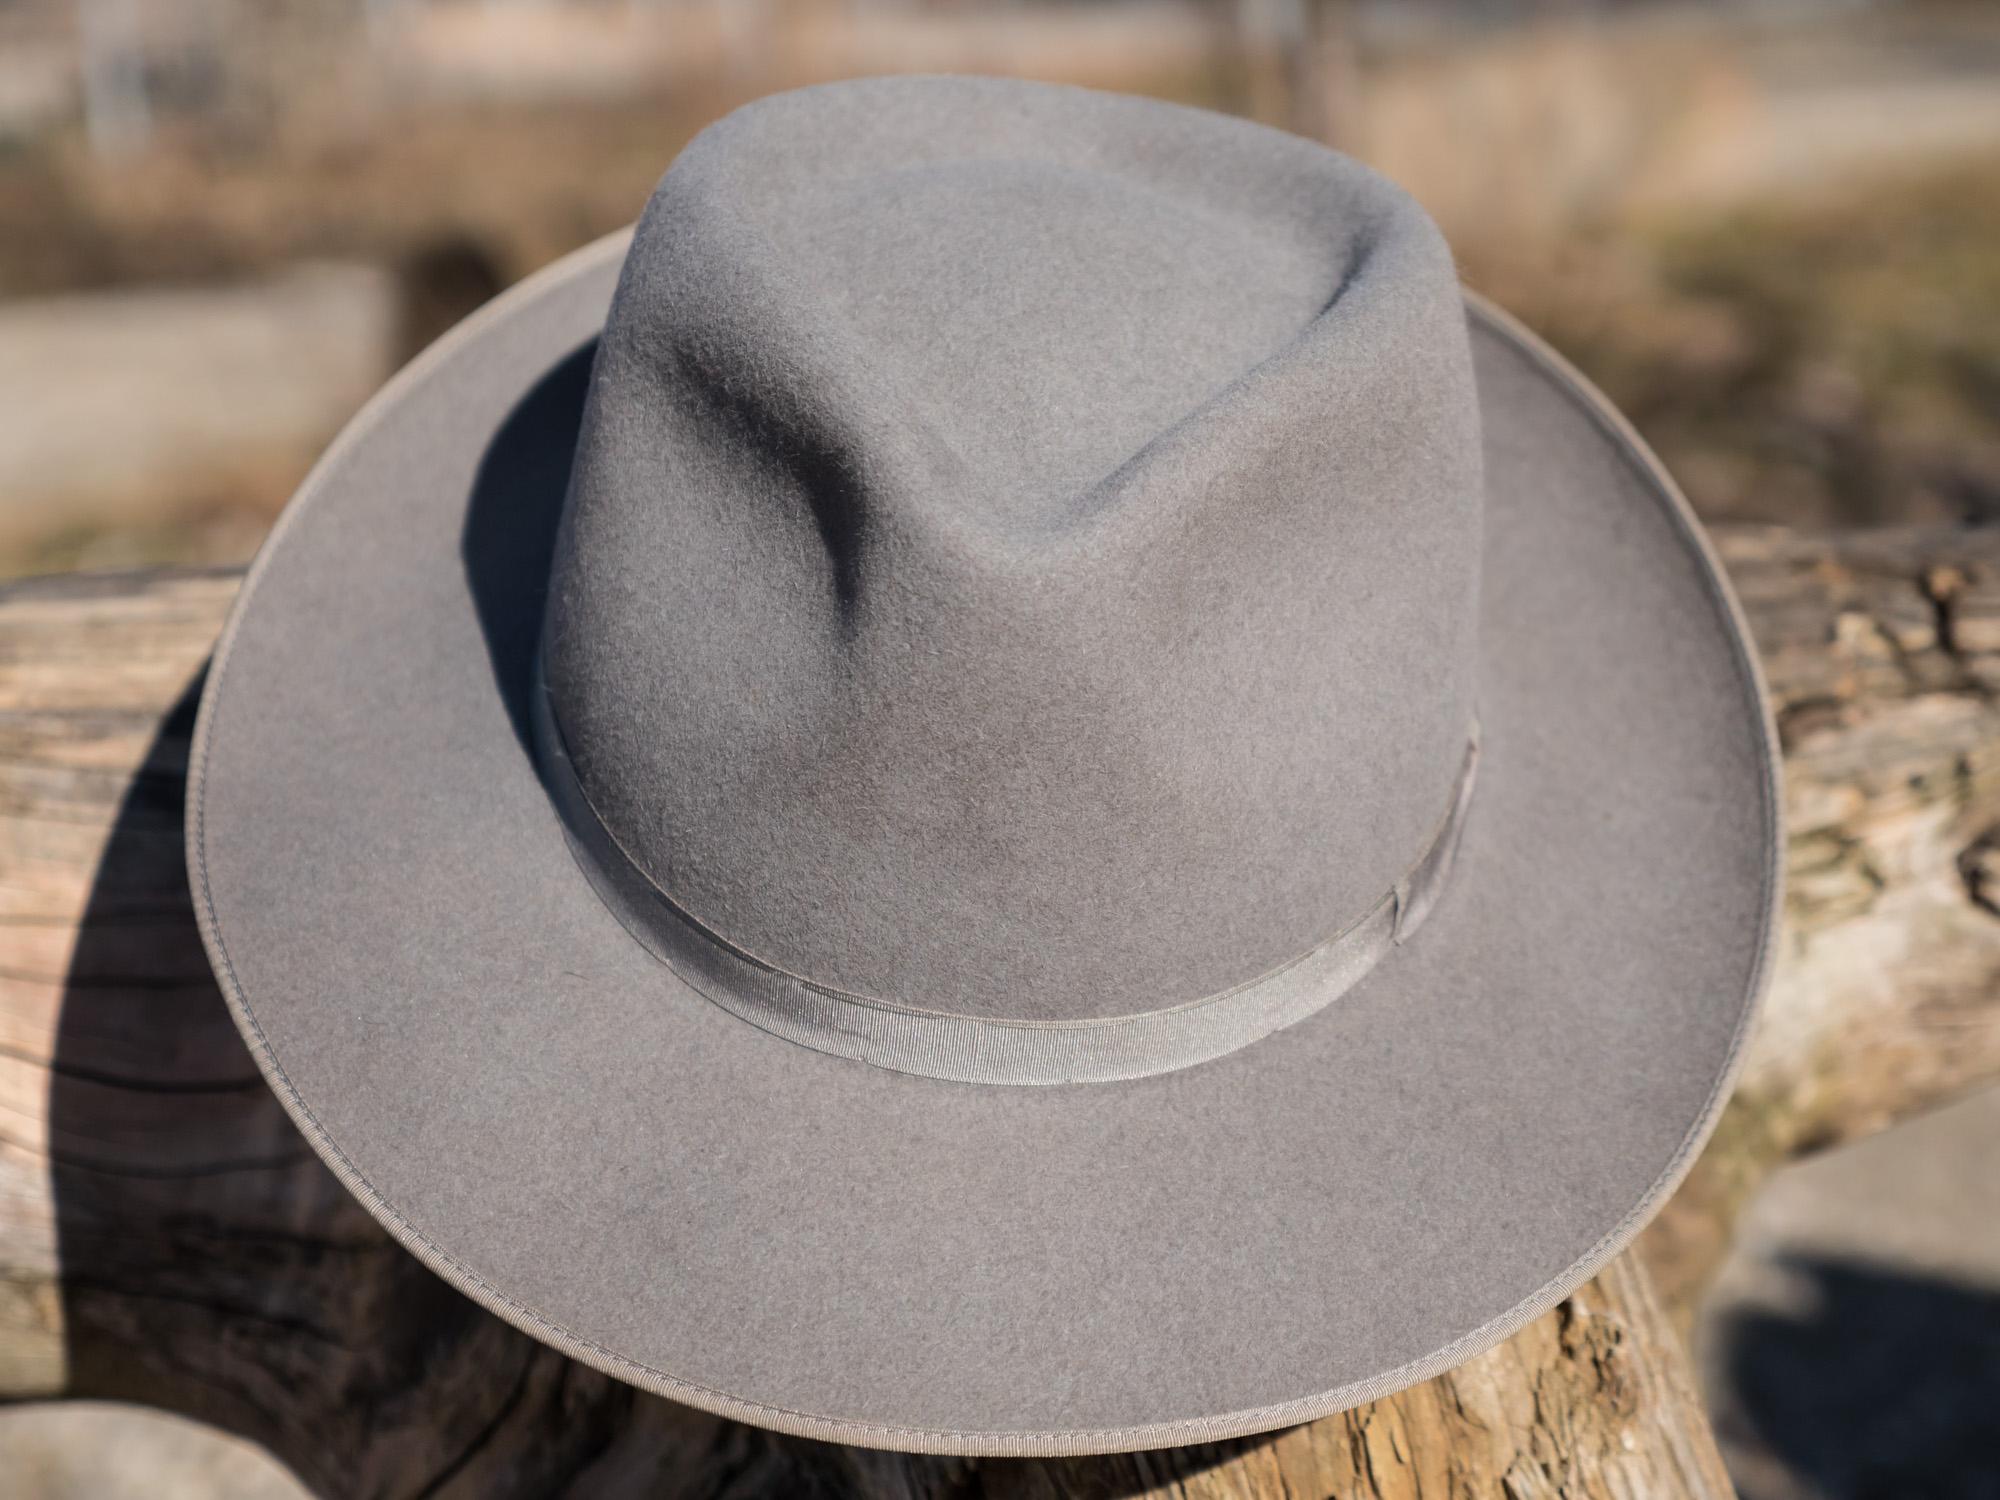 hat-r%C3%B6mer-strat-clone-grau-202-web-